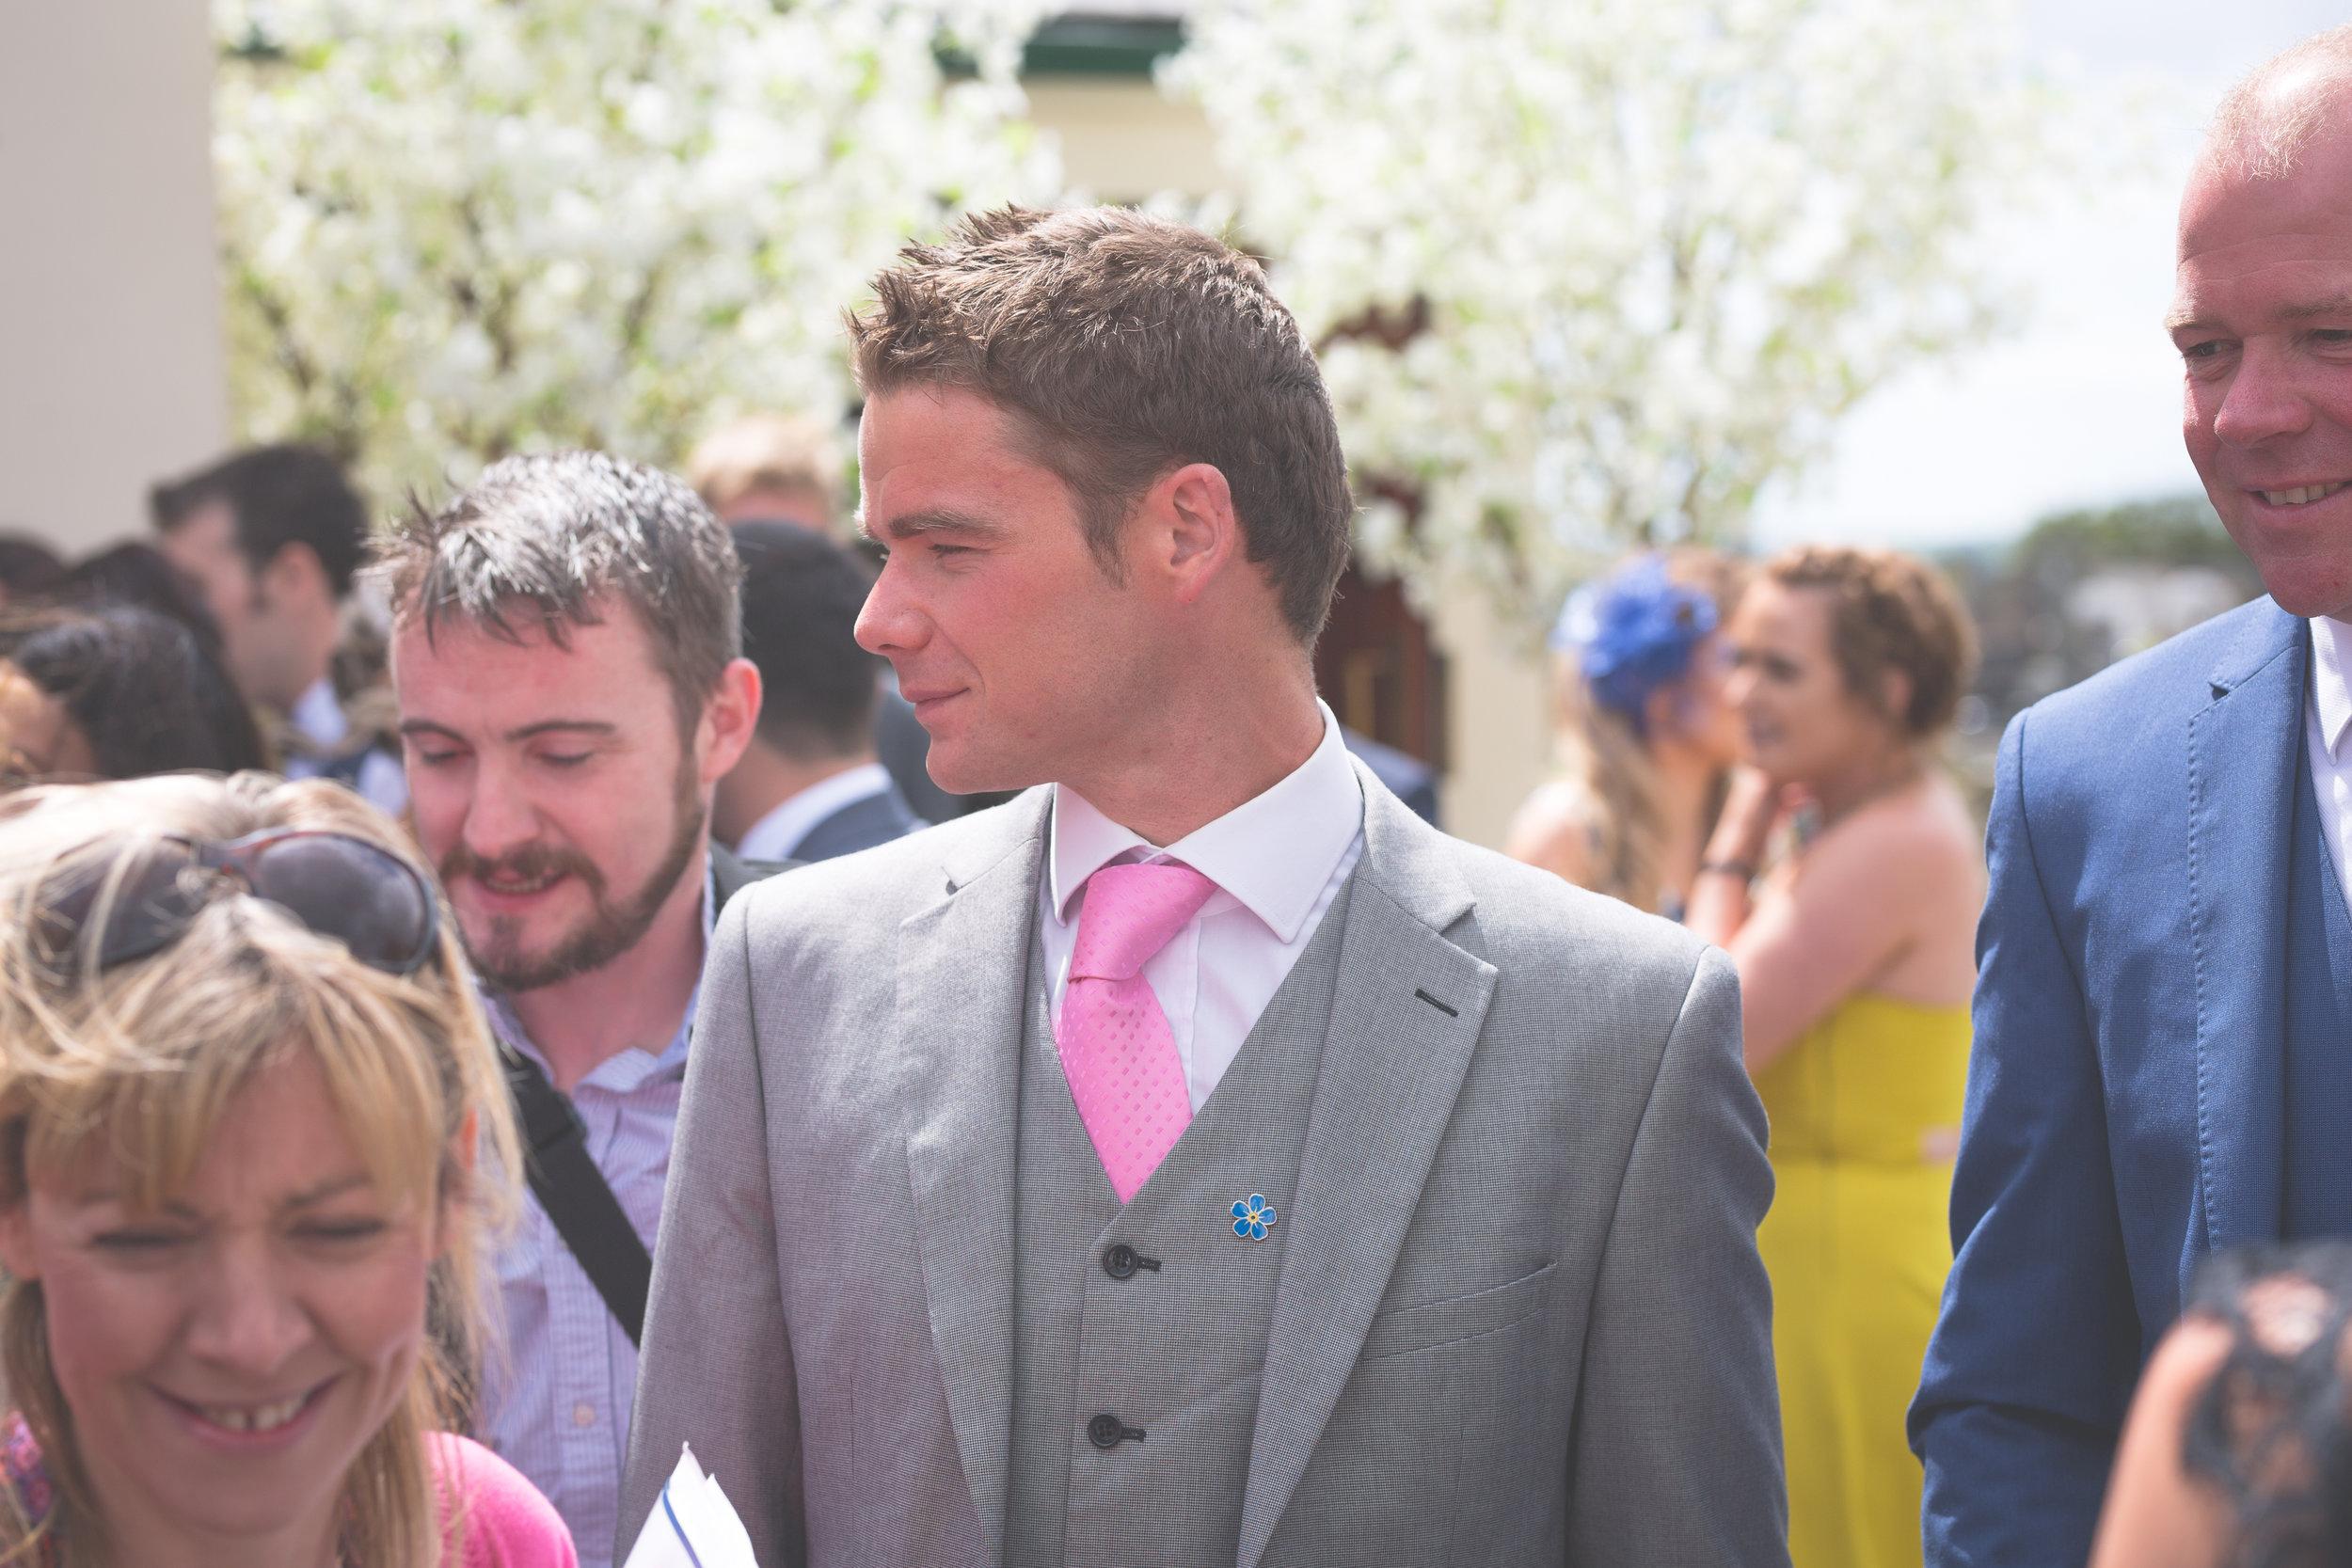 Brian McEwan Wedding Photography   Carol-Anne & Sean   The Ceremony-129.jpg